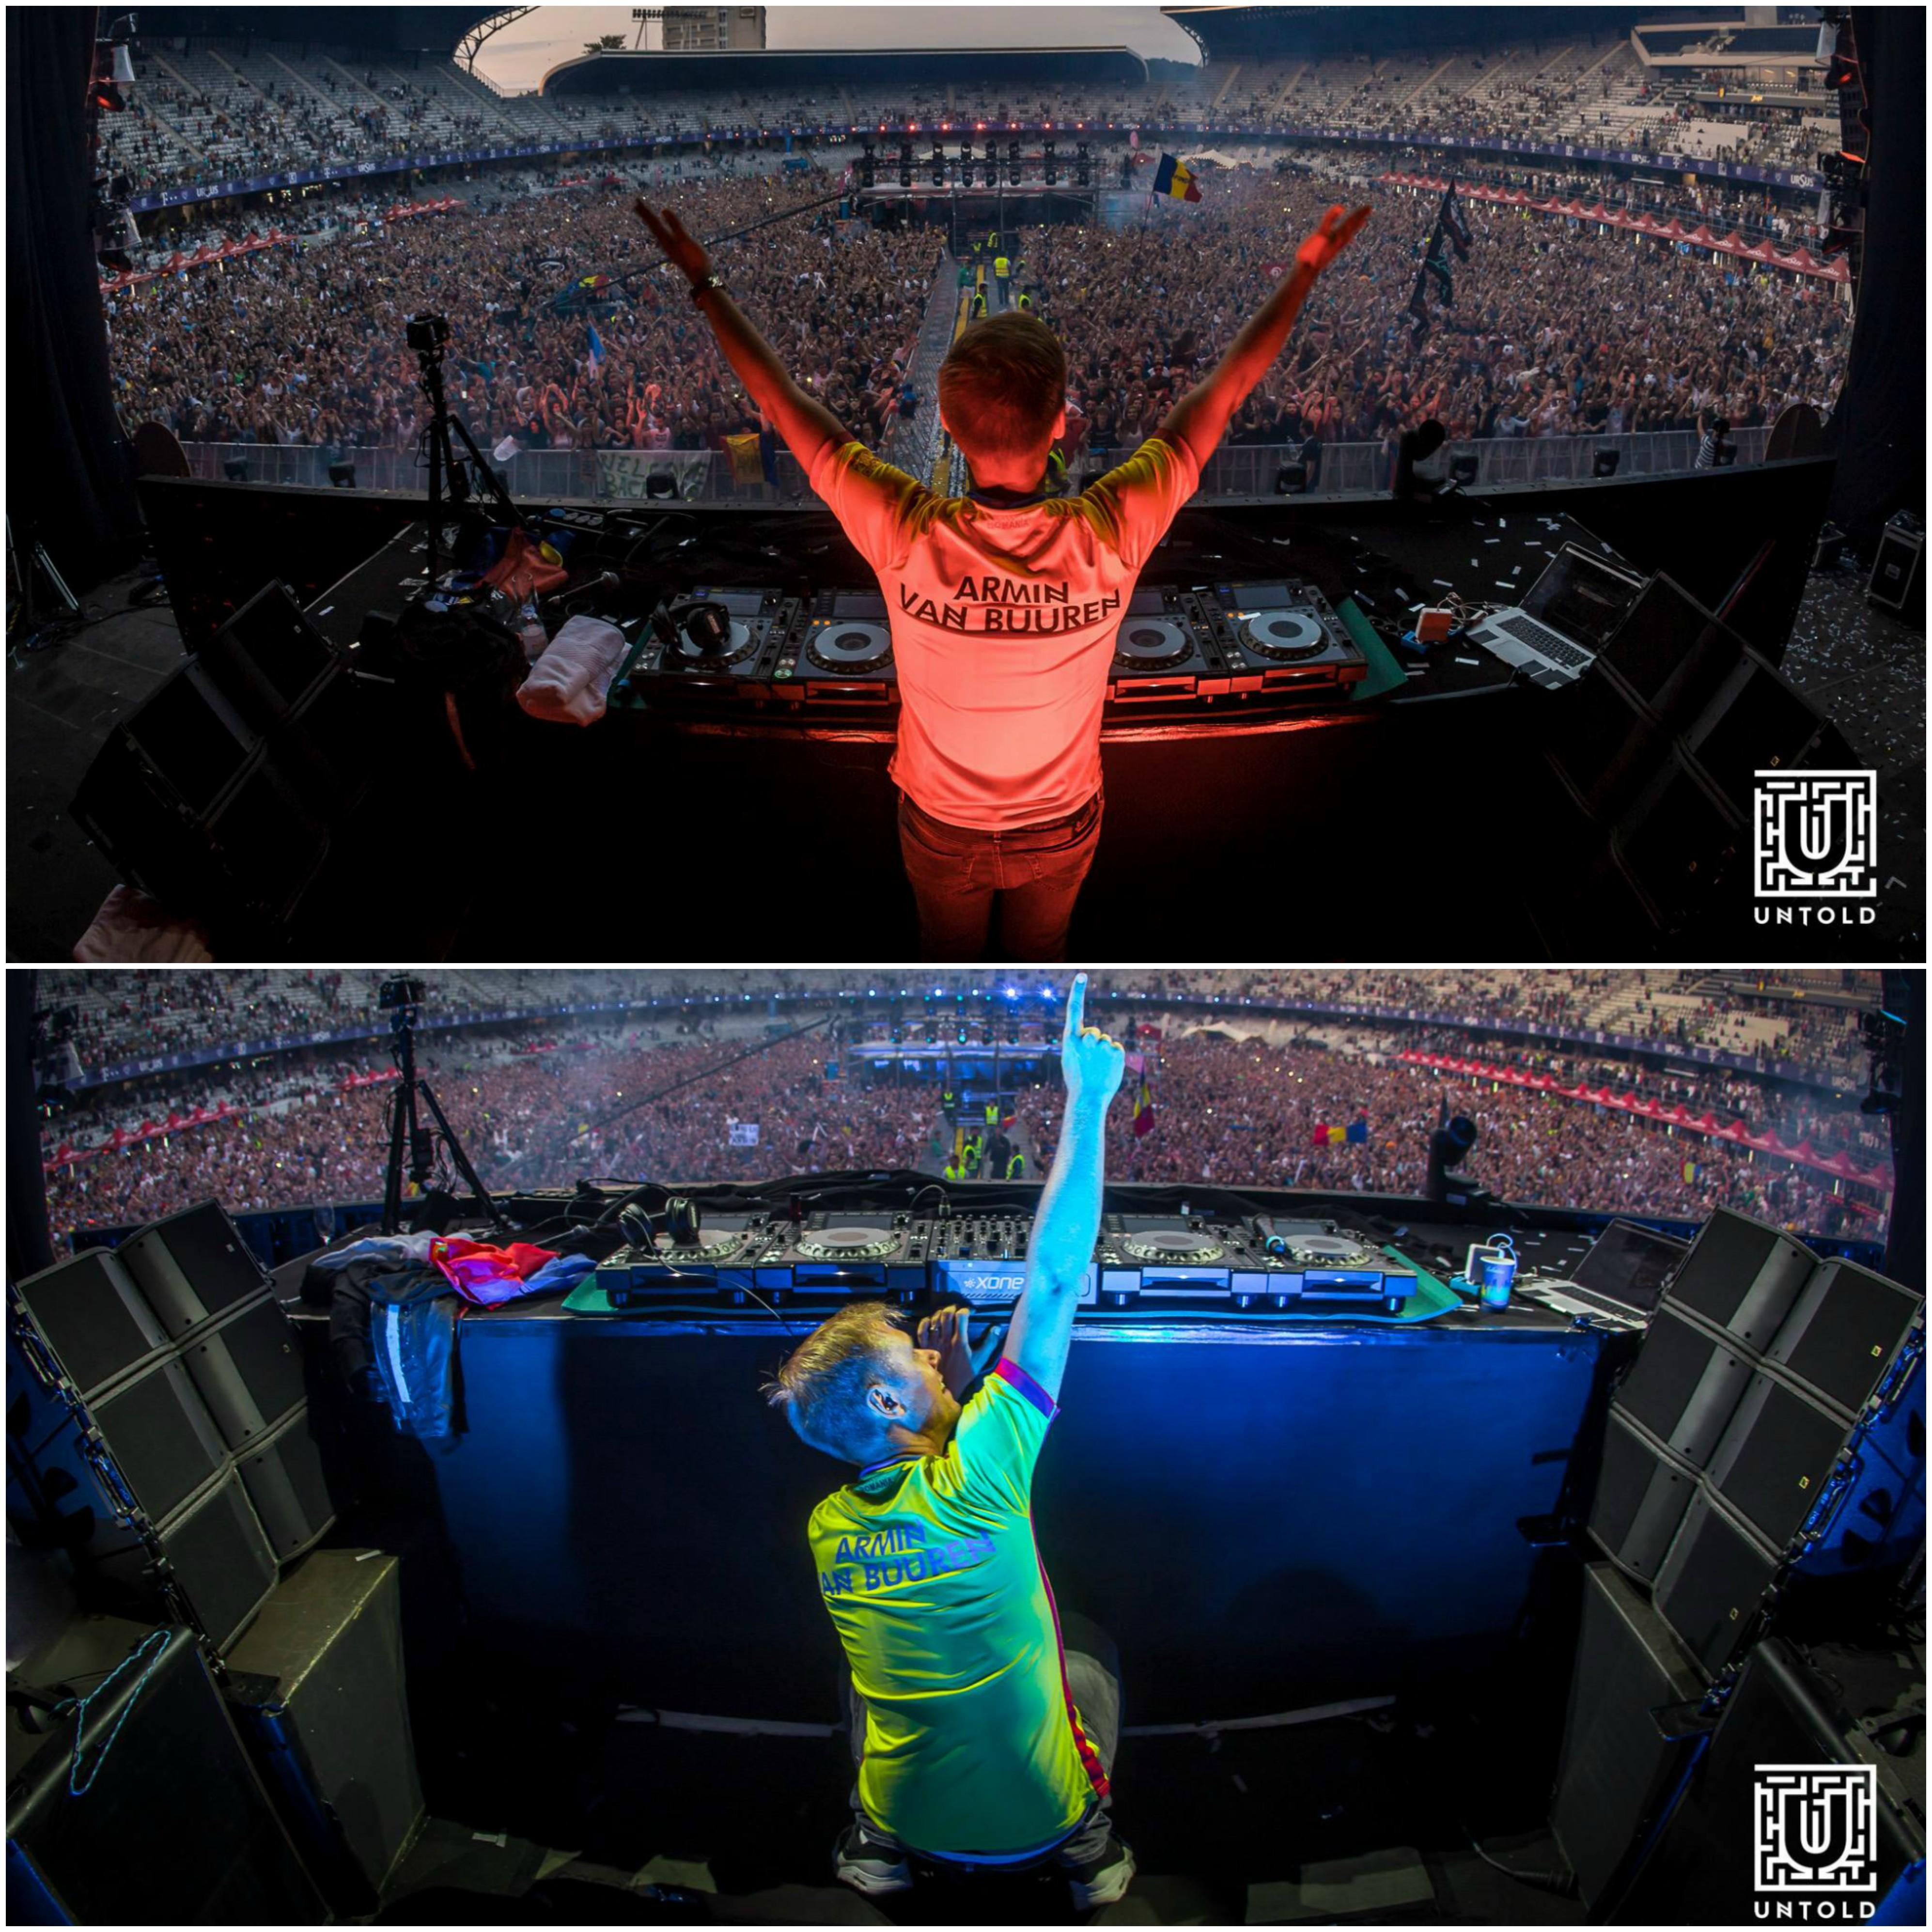 Armin a făcut senzaţie până în zori! SURSĂ FOTO: Pagină Facebook UNTOLD